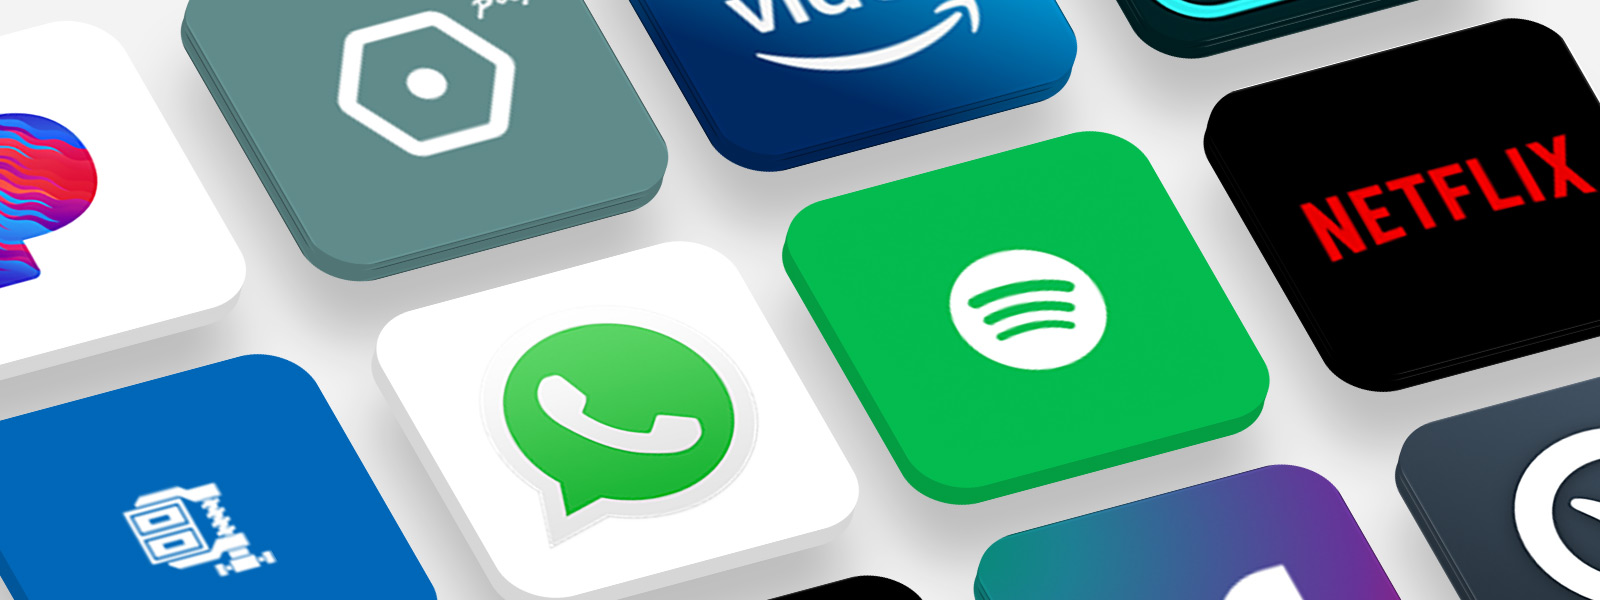 Numerosi logo di applicazioni popolari